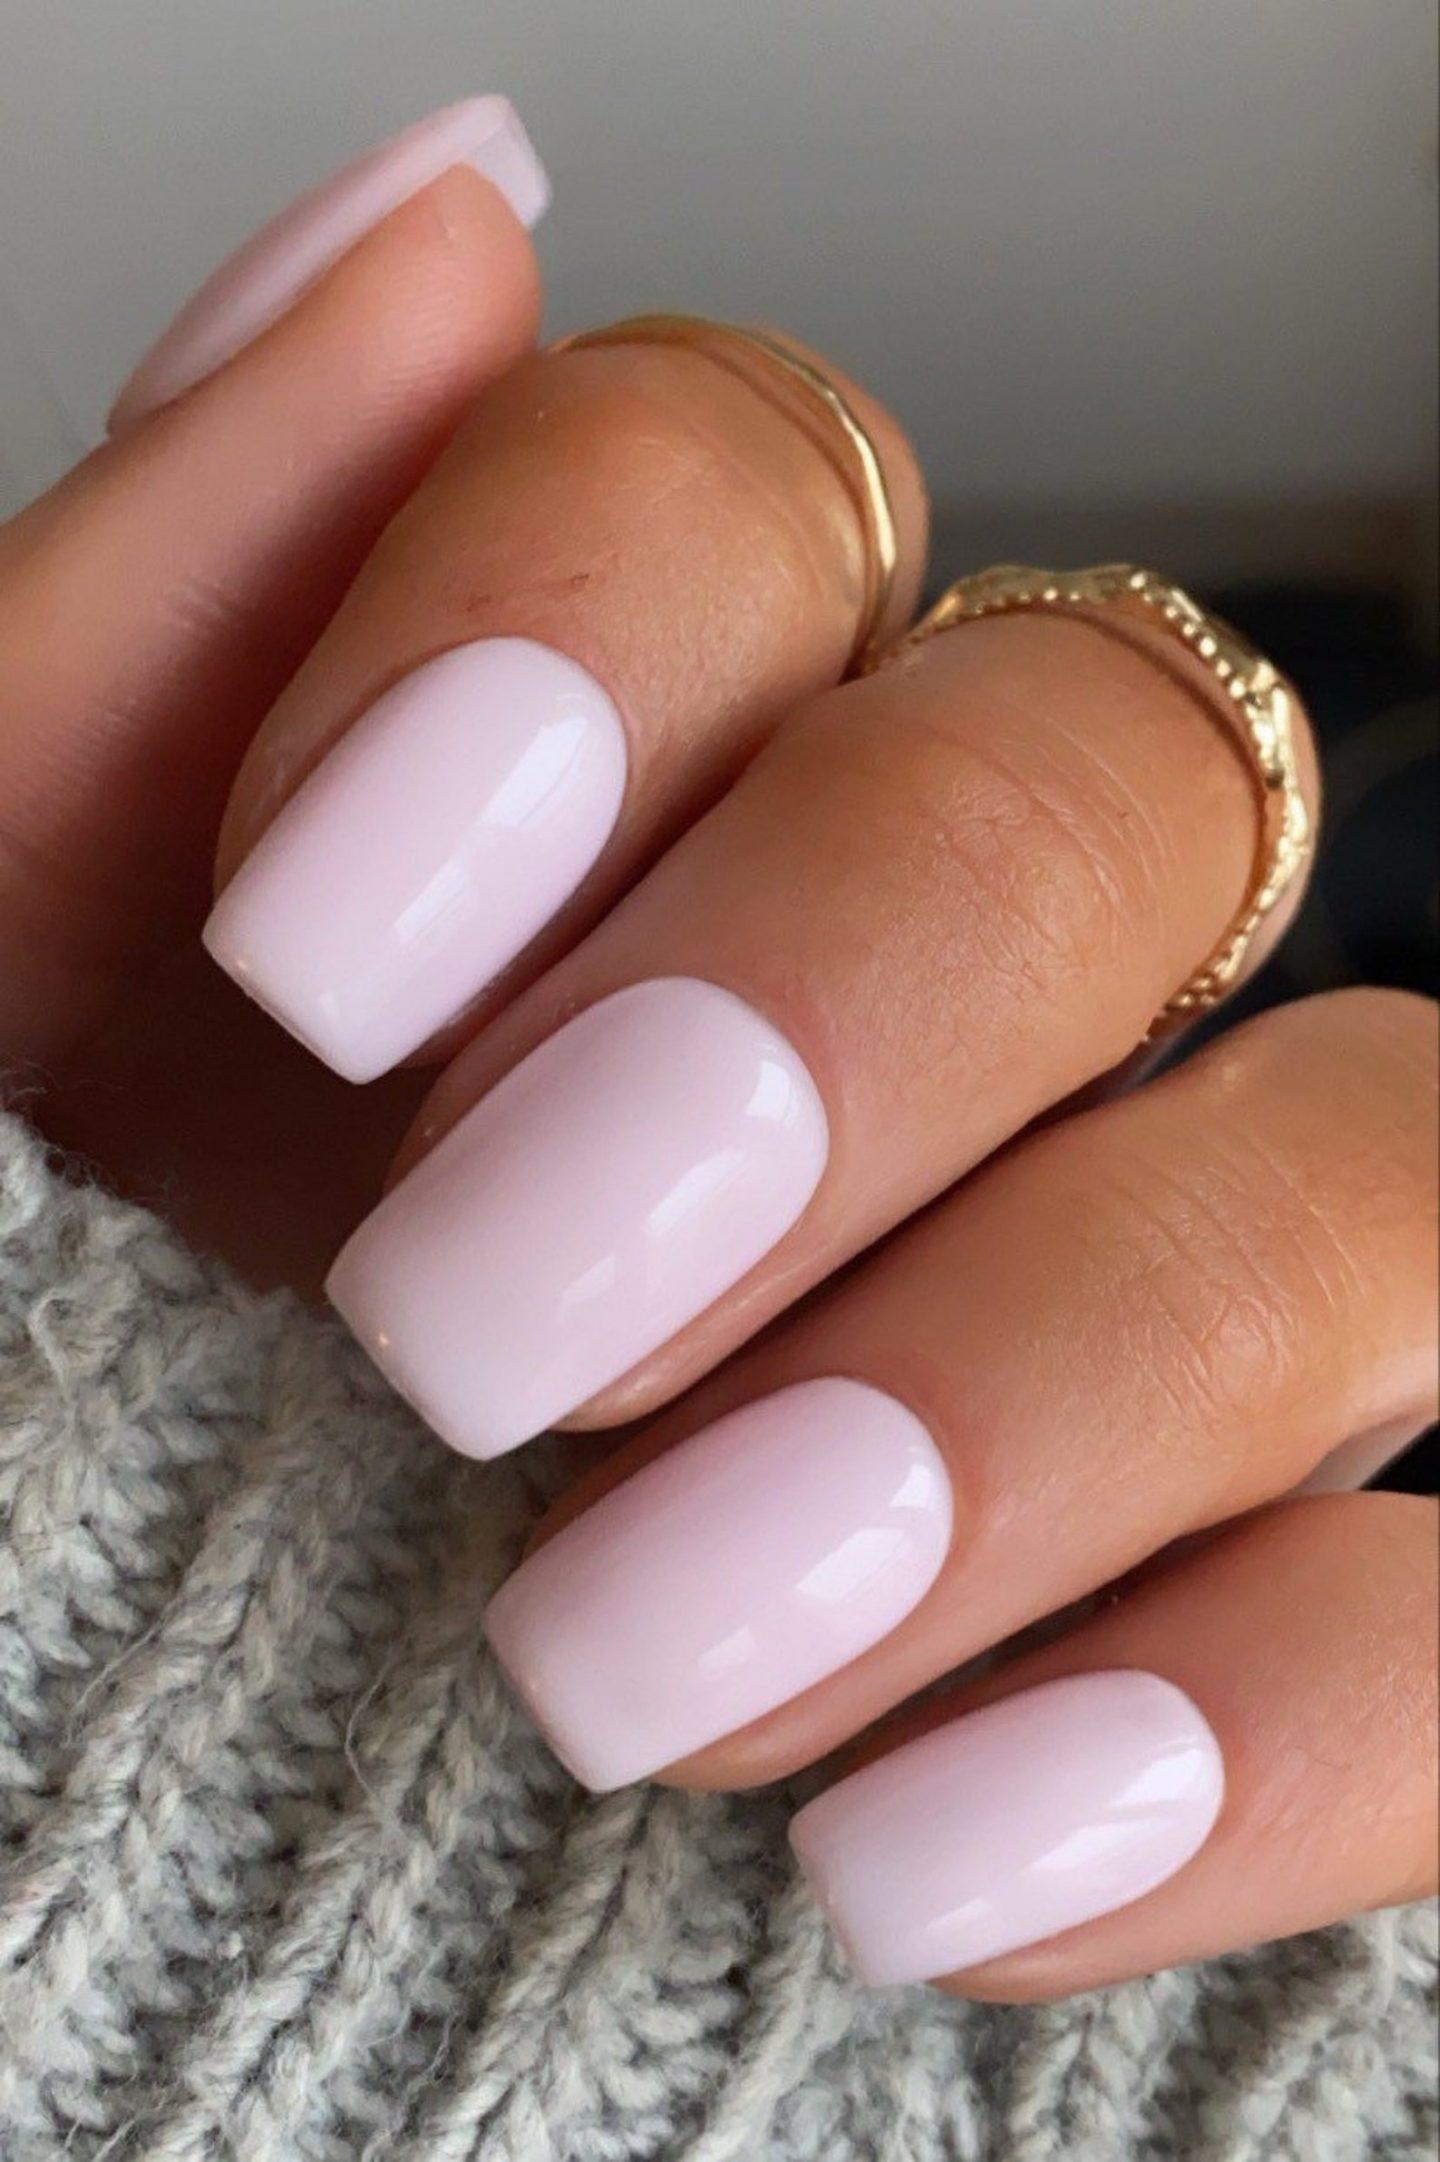 Short pink gel nails